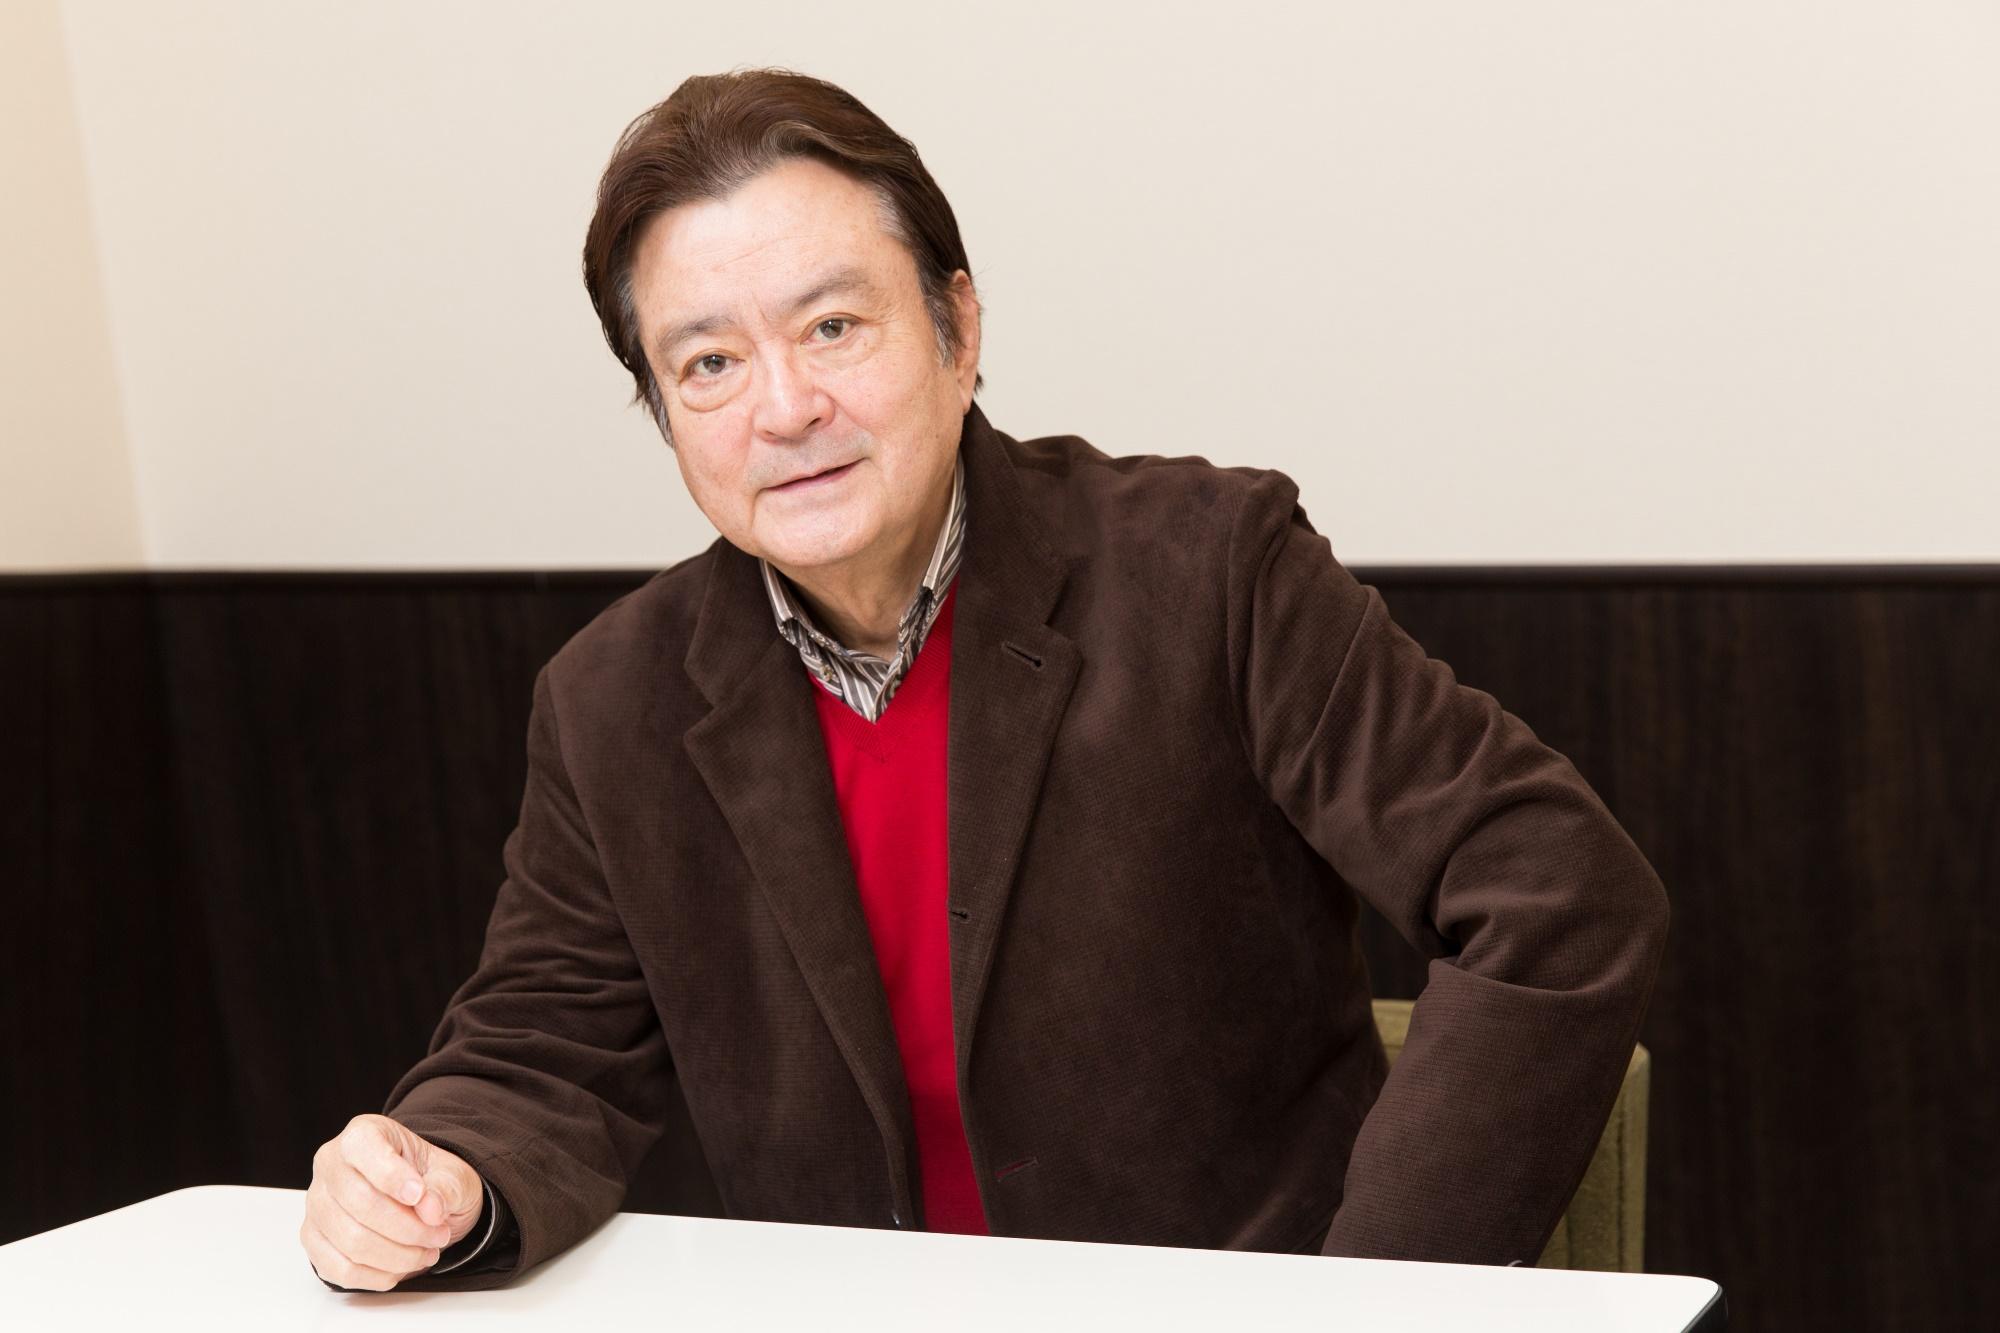 大和田伸也の息子は結婚していた?相手は誰?娘は国立大学出身なの?